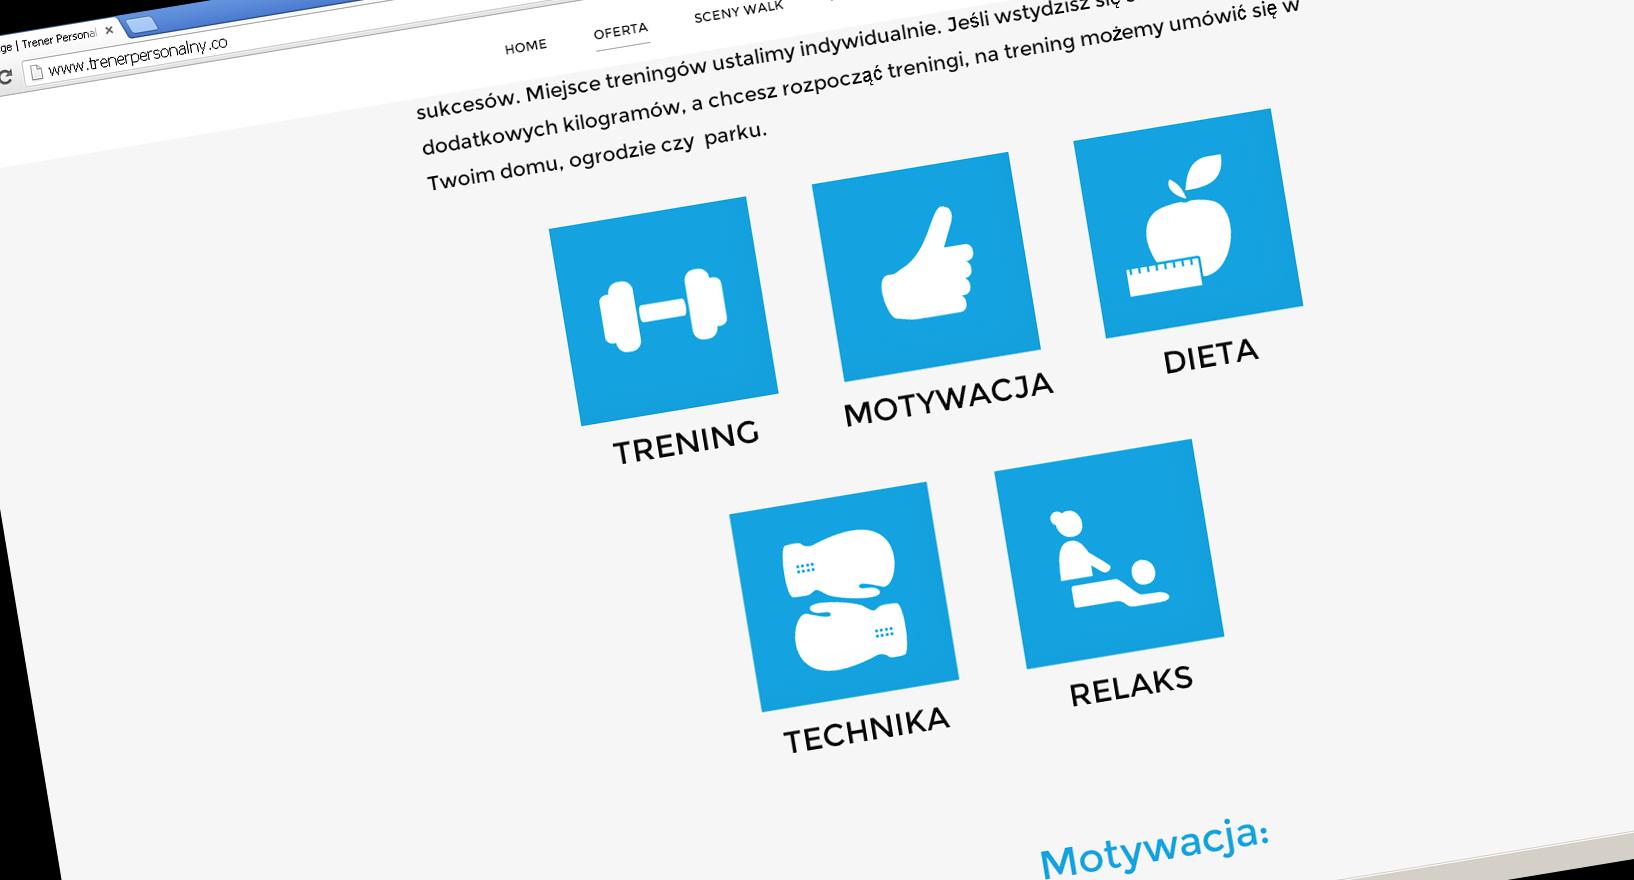 bzb-dla-trener-personalny-tomasz-oswiecinski_www2